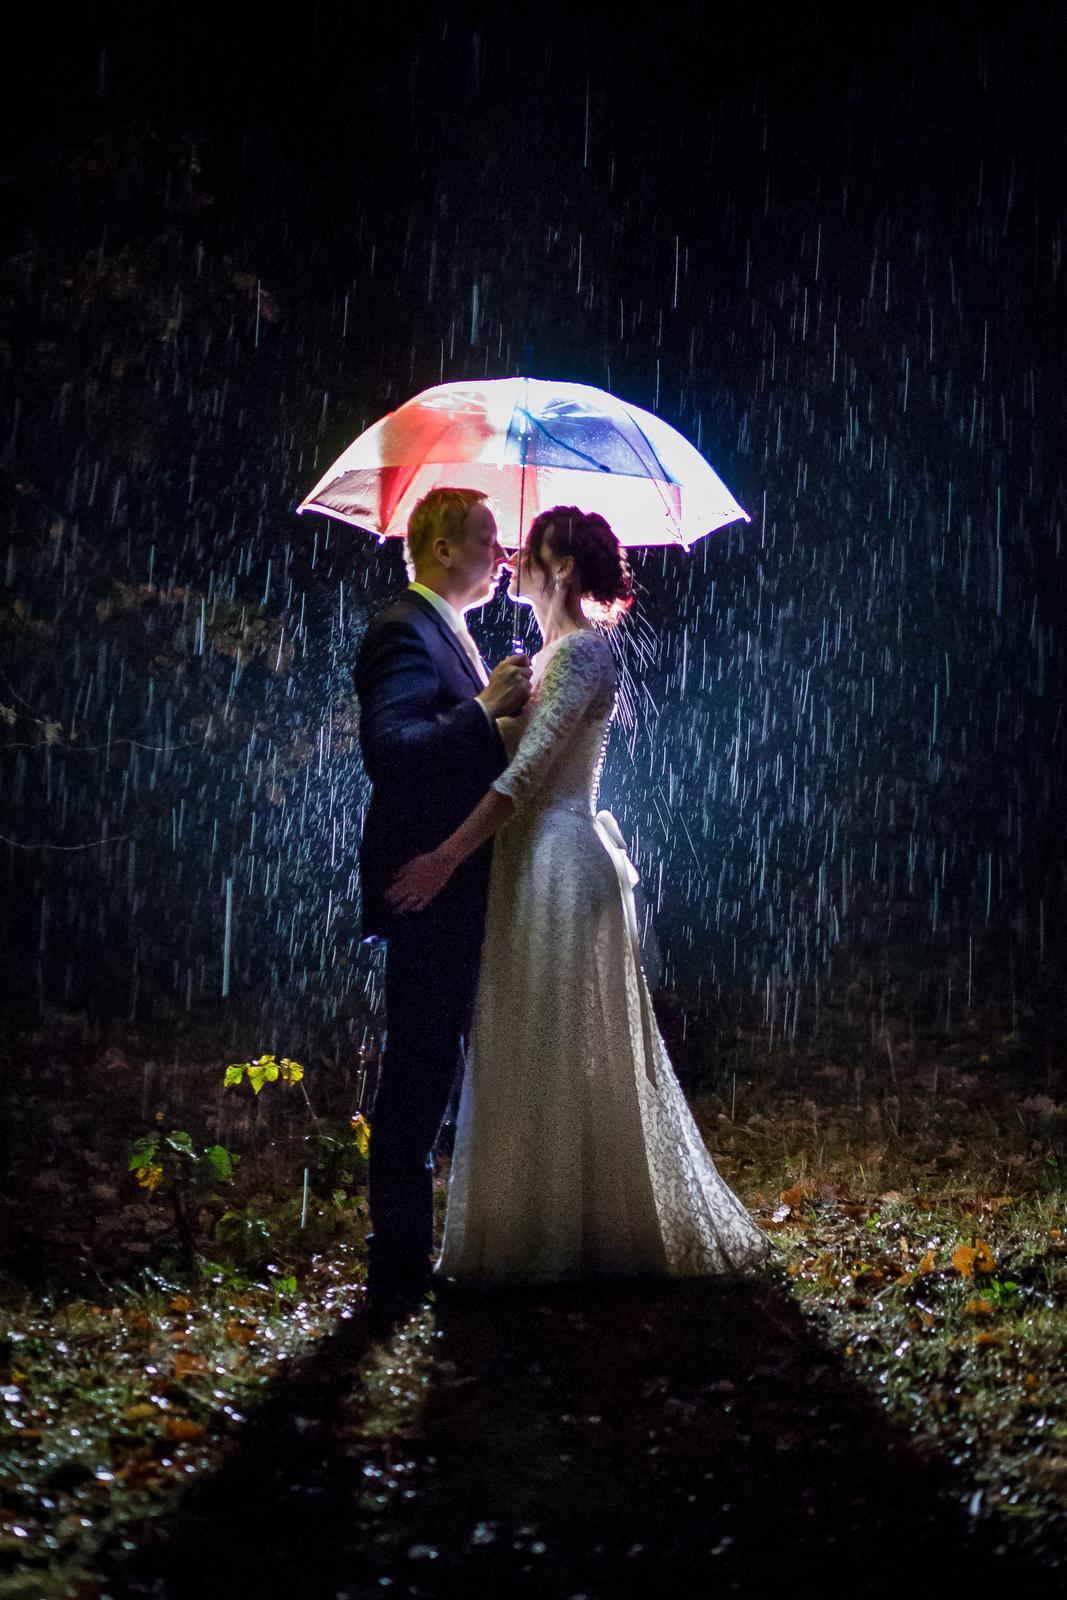 Andrea{{_AND_}}Vlastimil - Počasí, kterého se snad všechny nevěsty bojí, má i výhody :-)